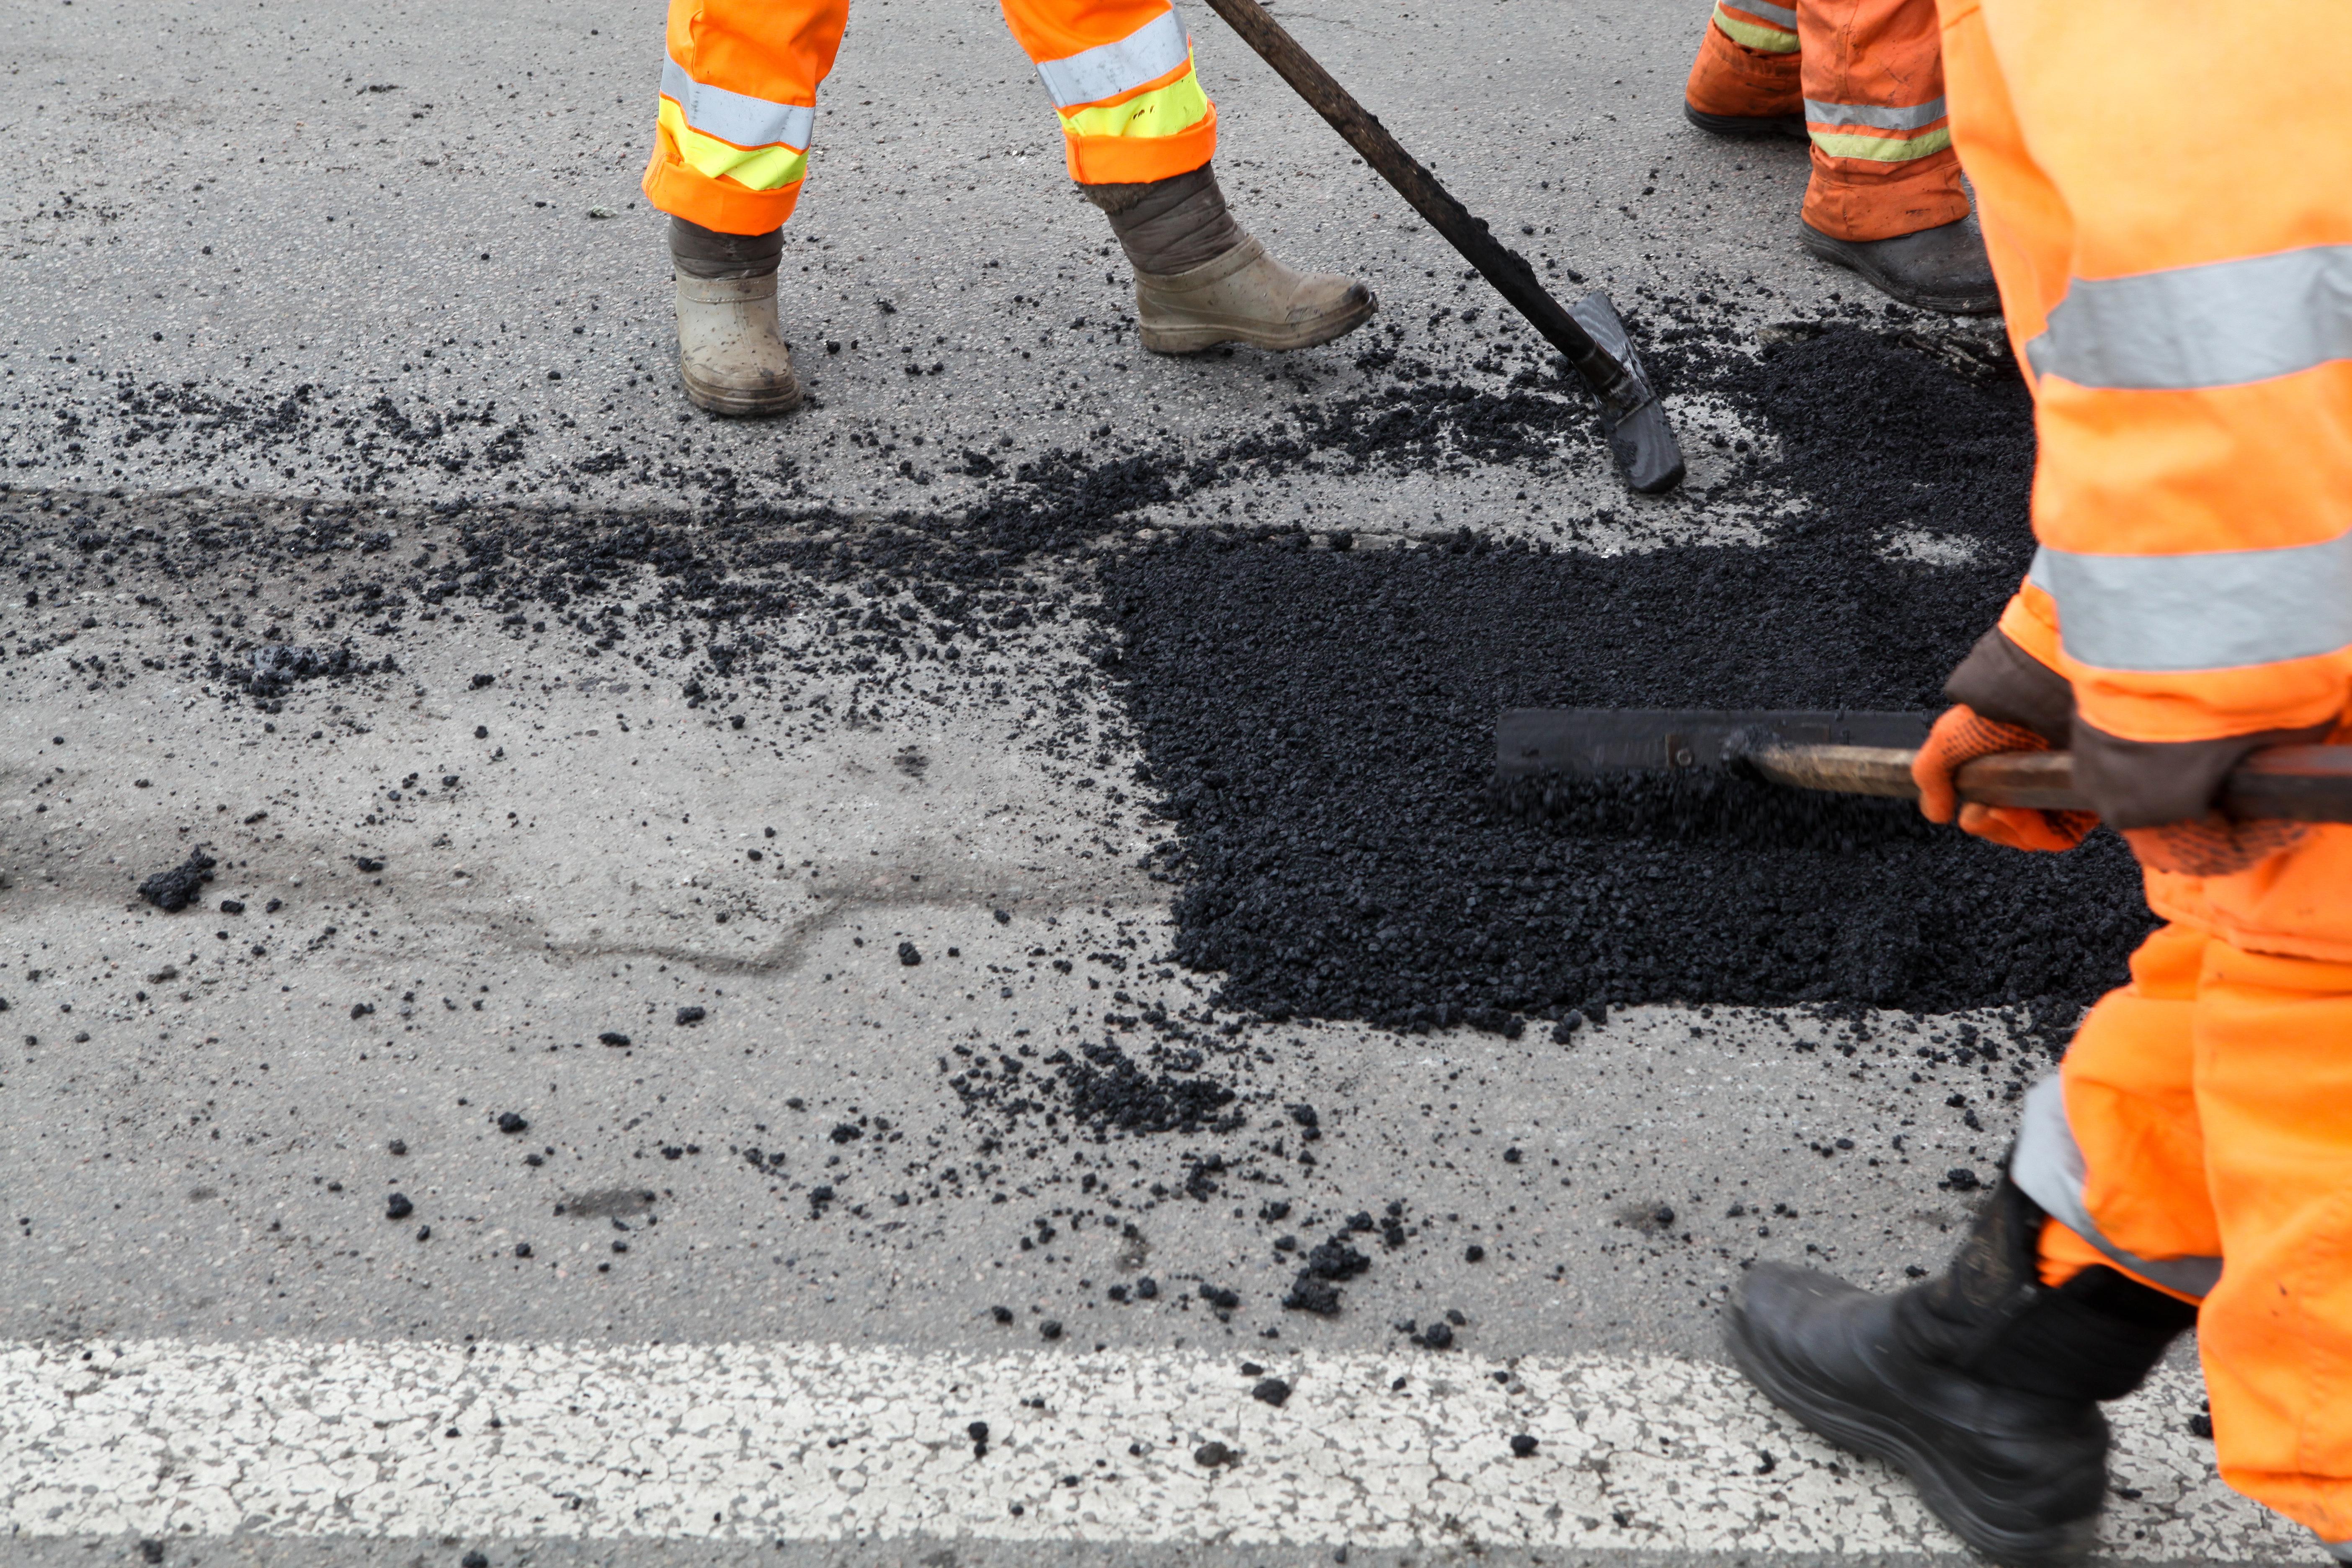 Workers in orange work suits repaving a street.